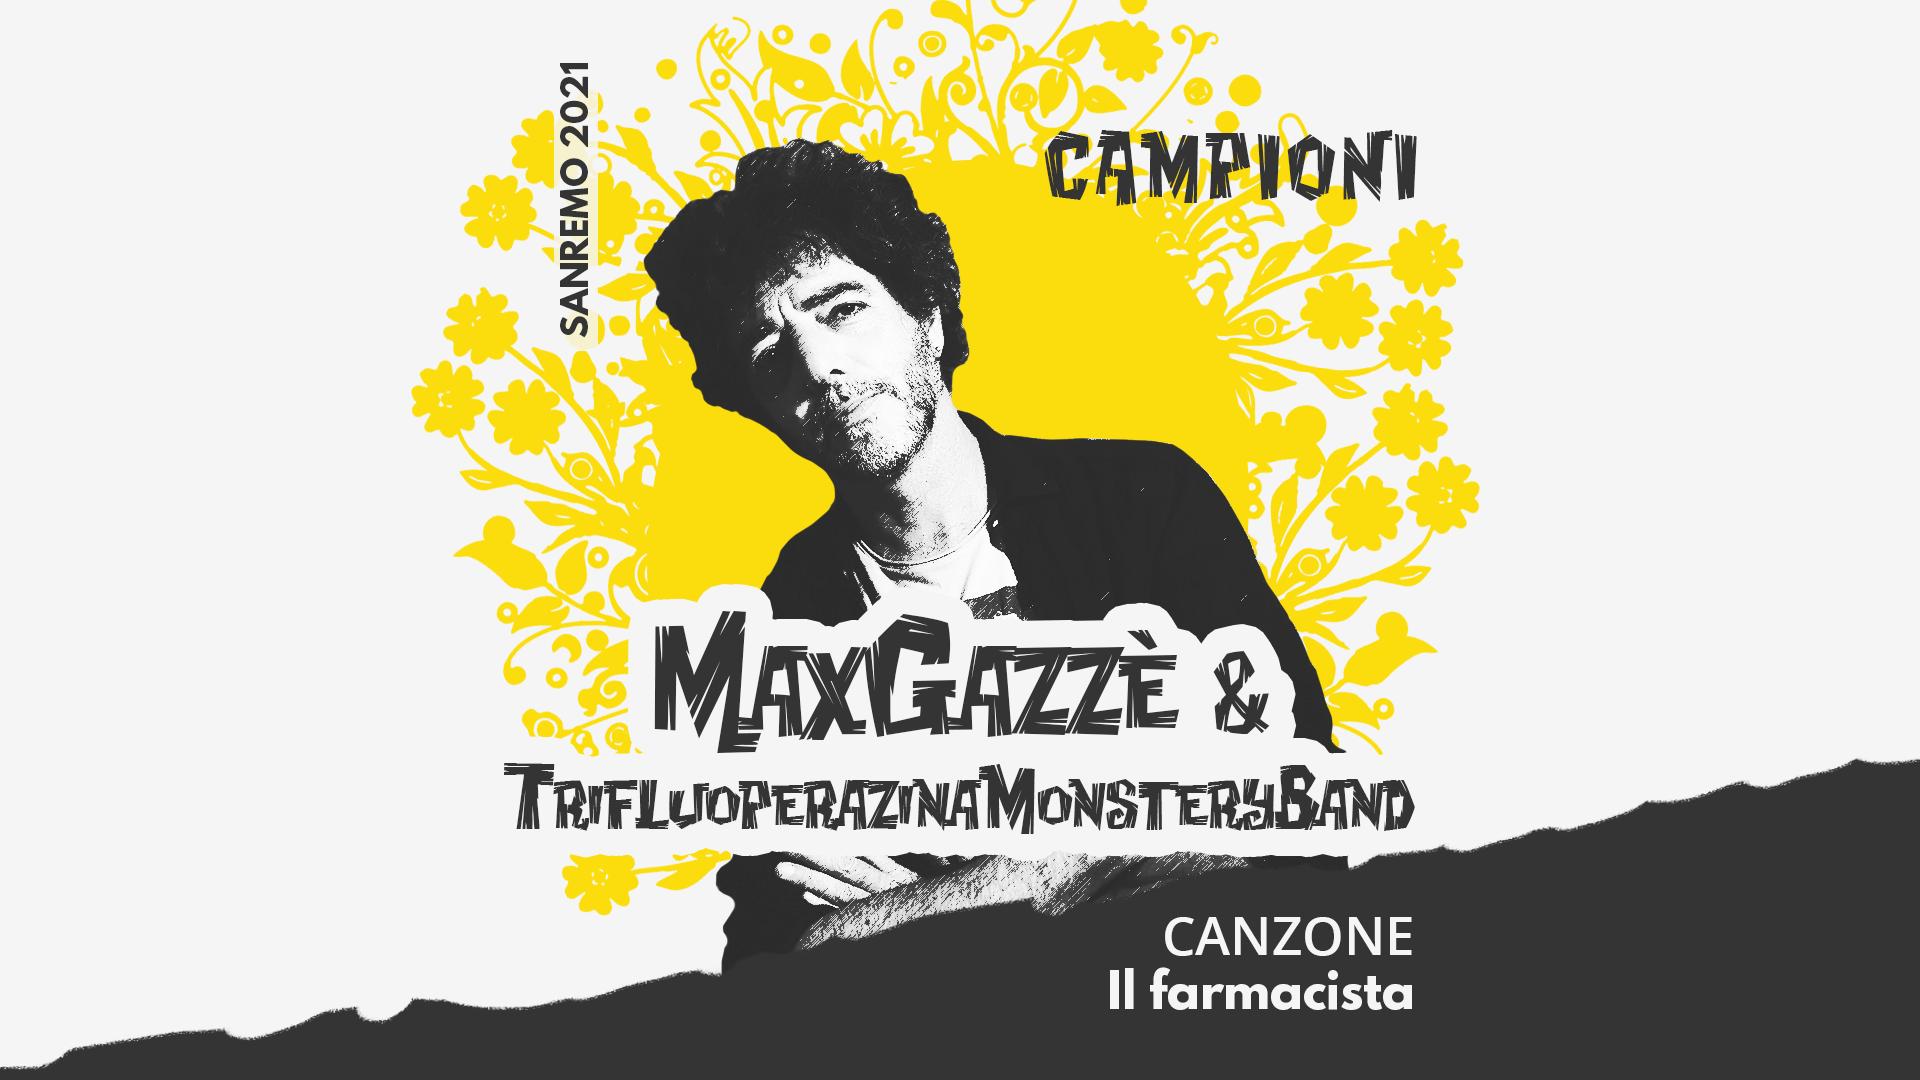 Sanremo 2021, Max Gazzè con la Trifluoperazina Monstery Band – Il farmacista